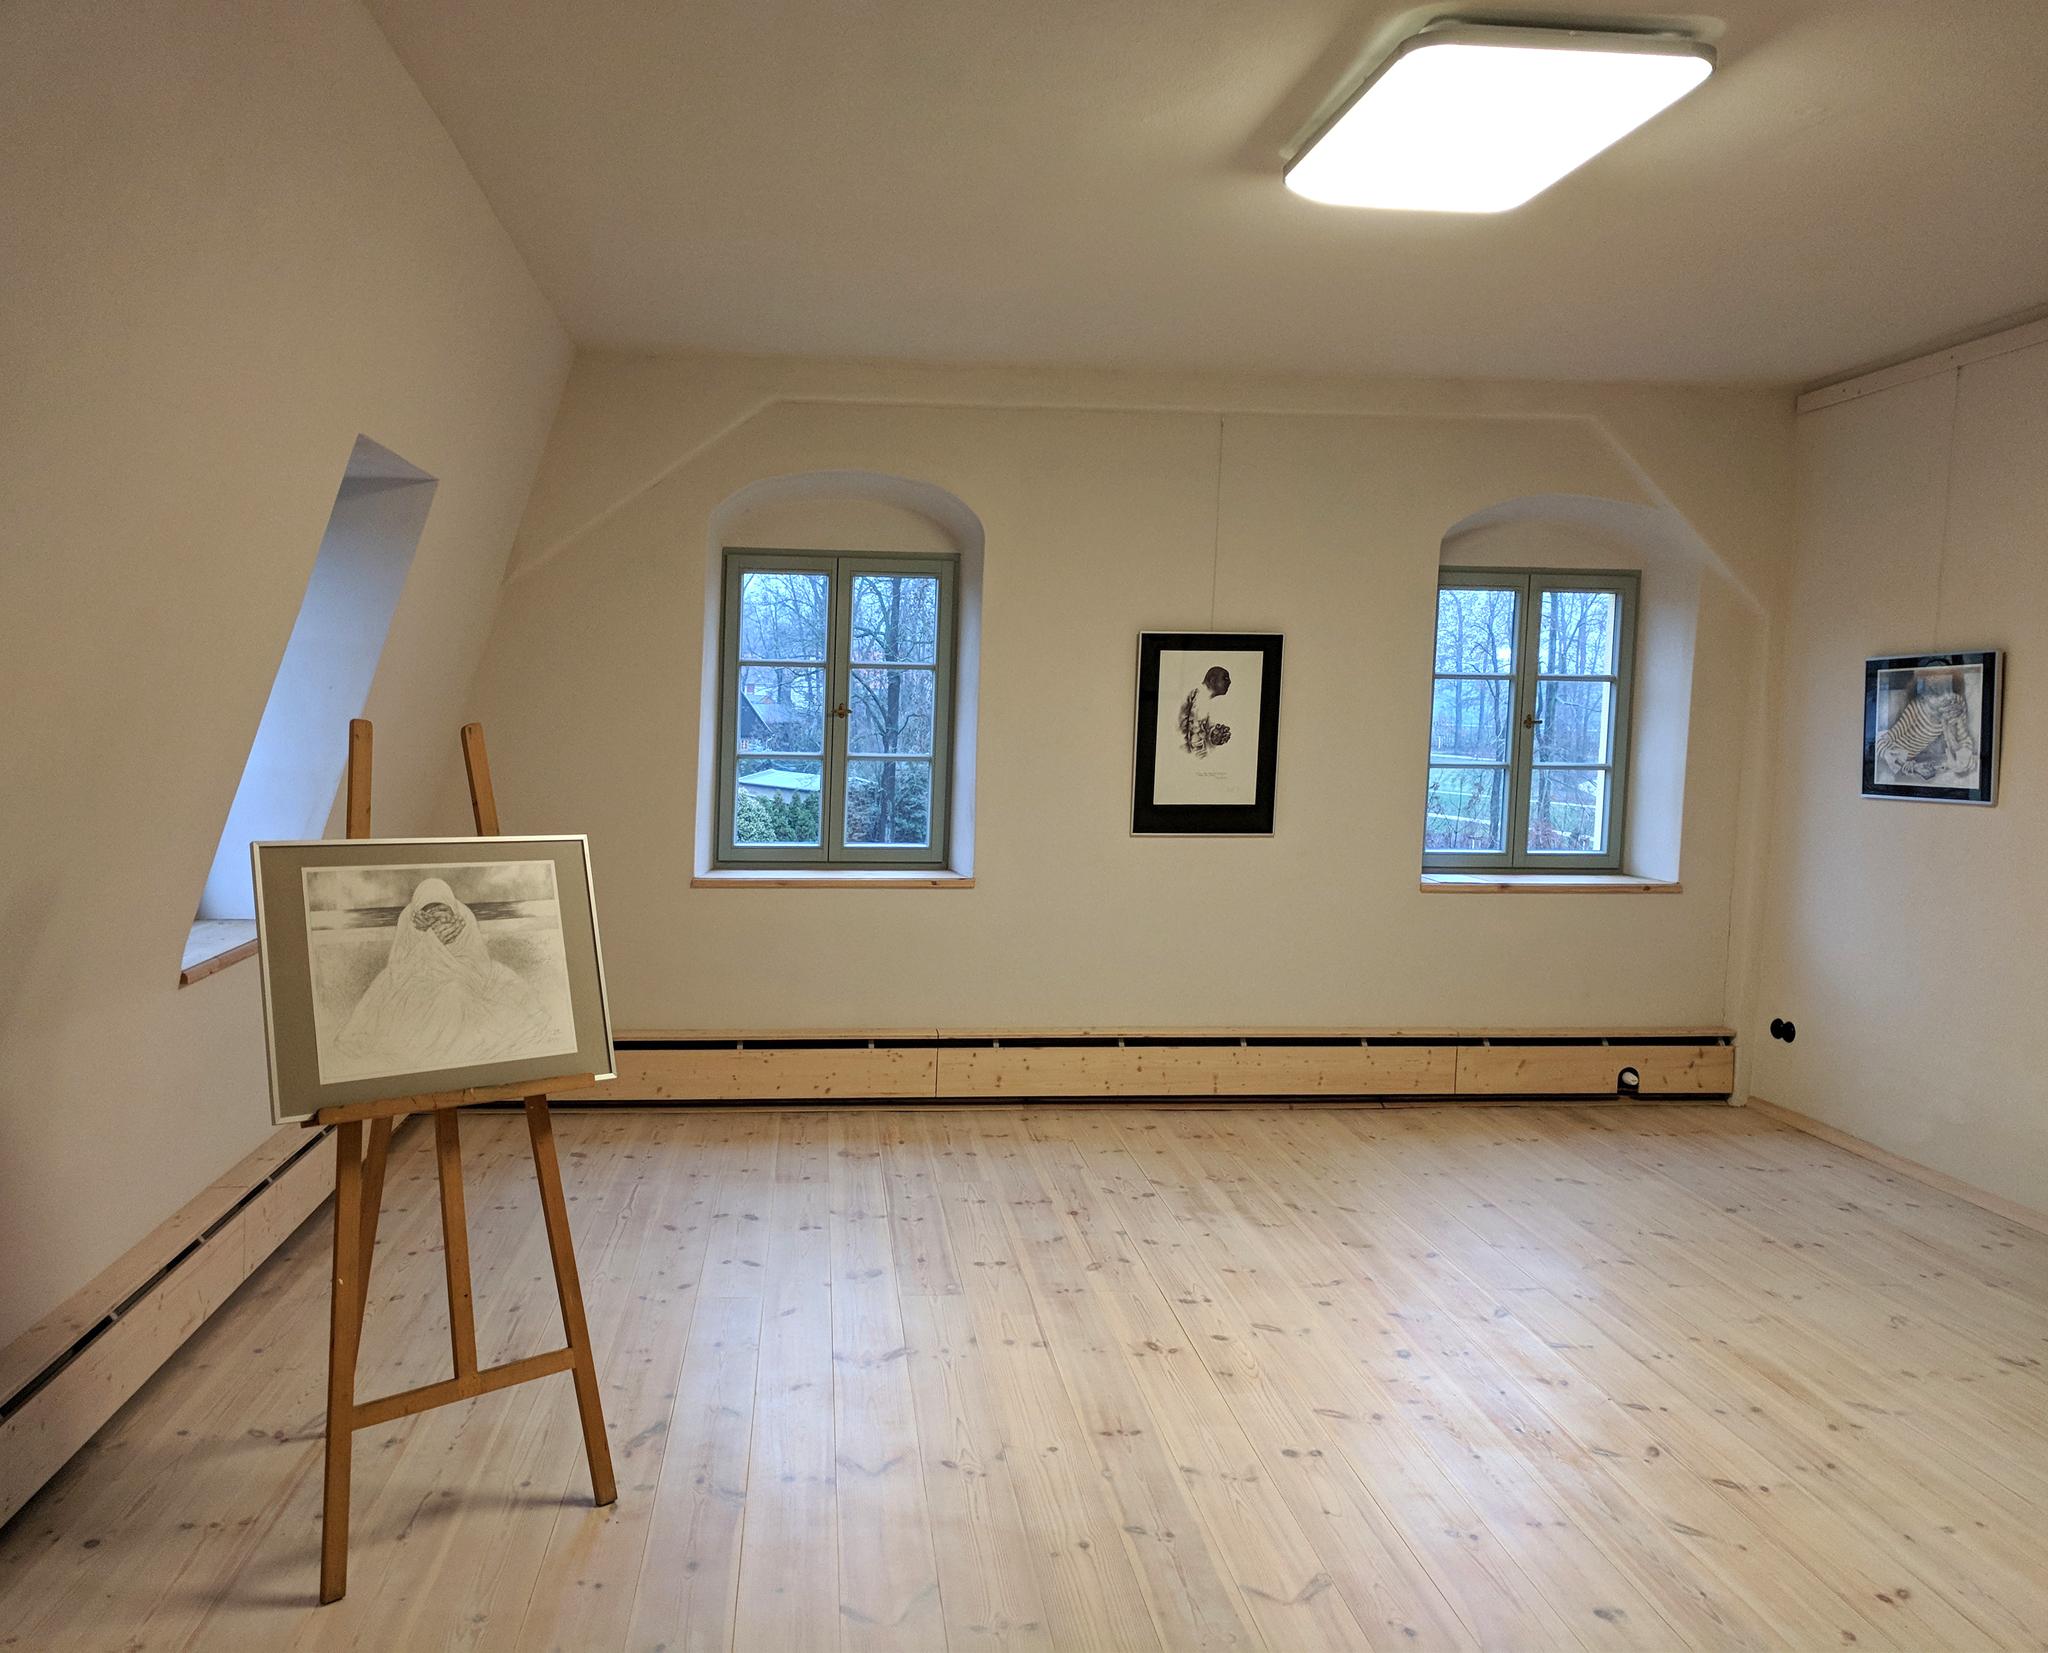 Atelierraum_O66_Ausstellung_Juza_Gesellschaftsportaits_2048px.jpg